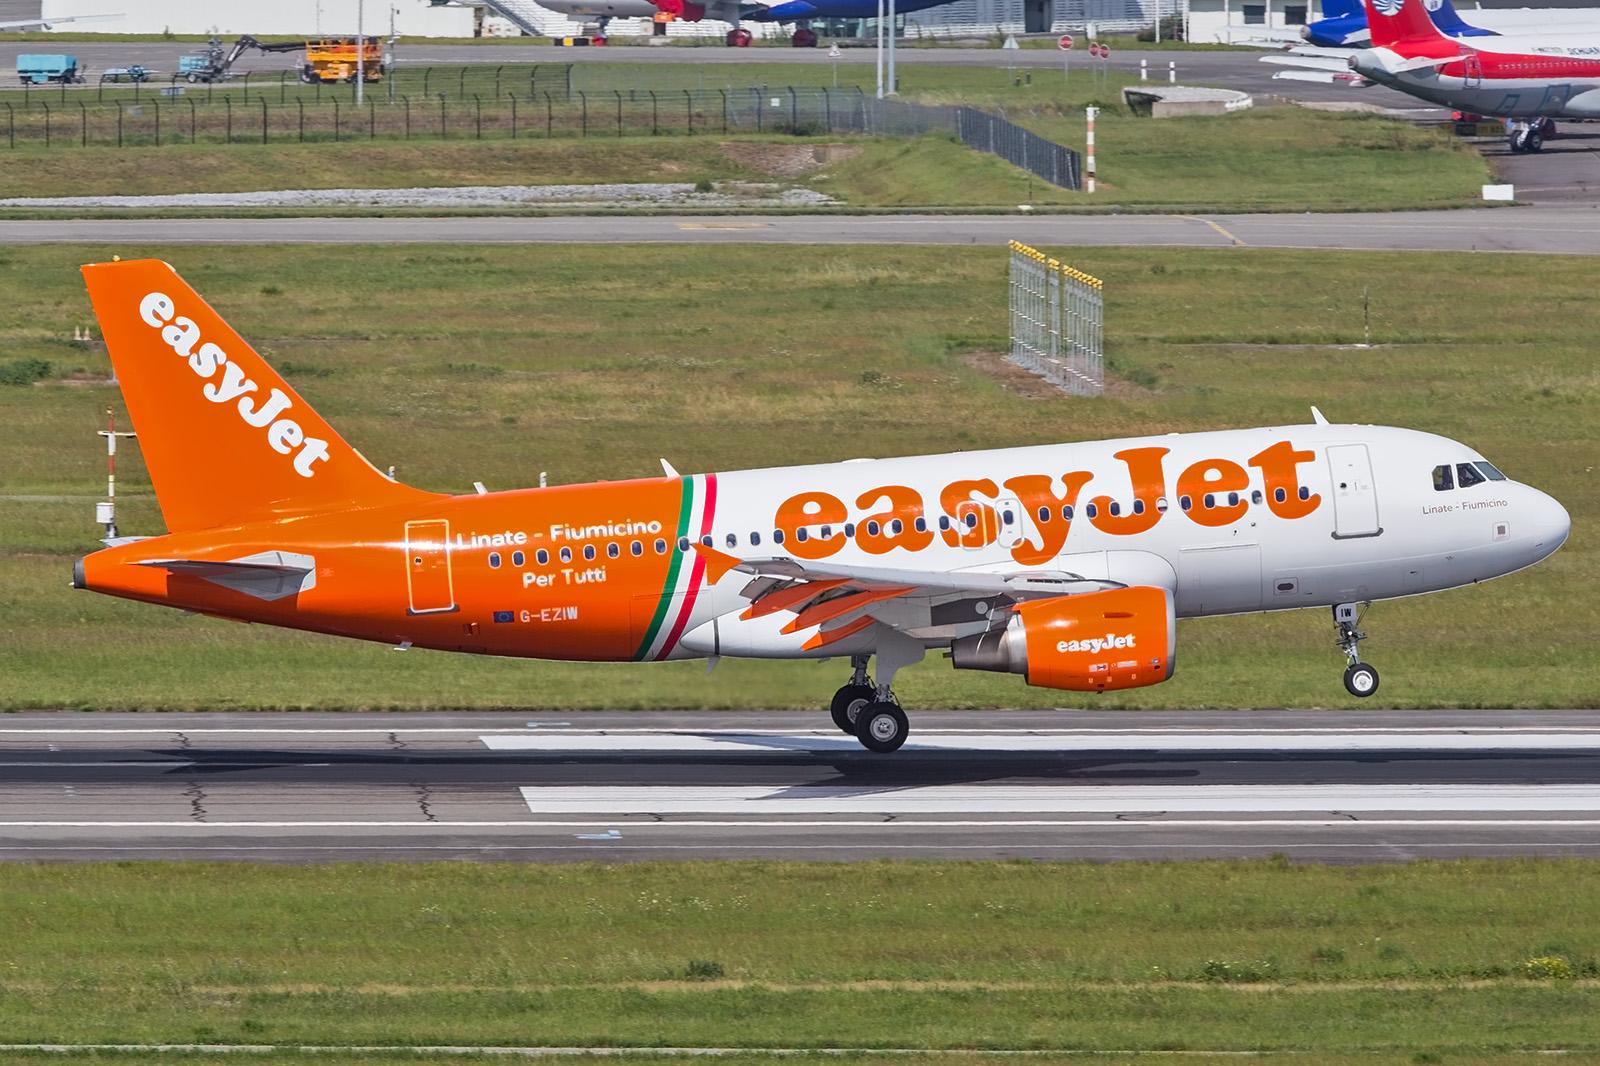 Easyjet auf einem Linienflug mit Werbung ihrer inneritalienischen Verbindung zwischen Rom und Mailand.